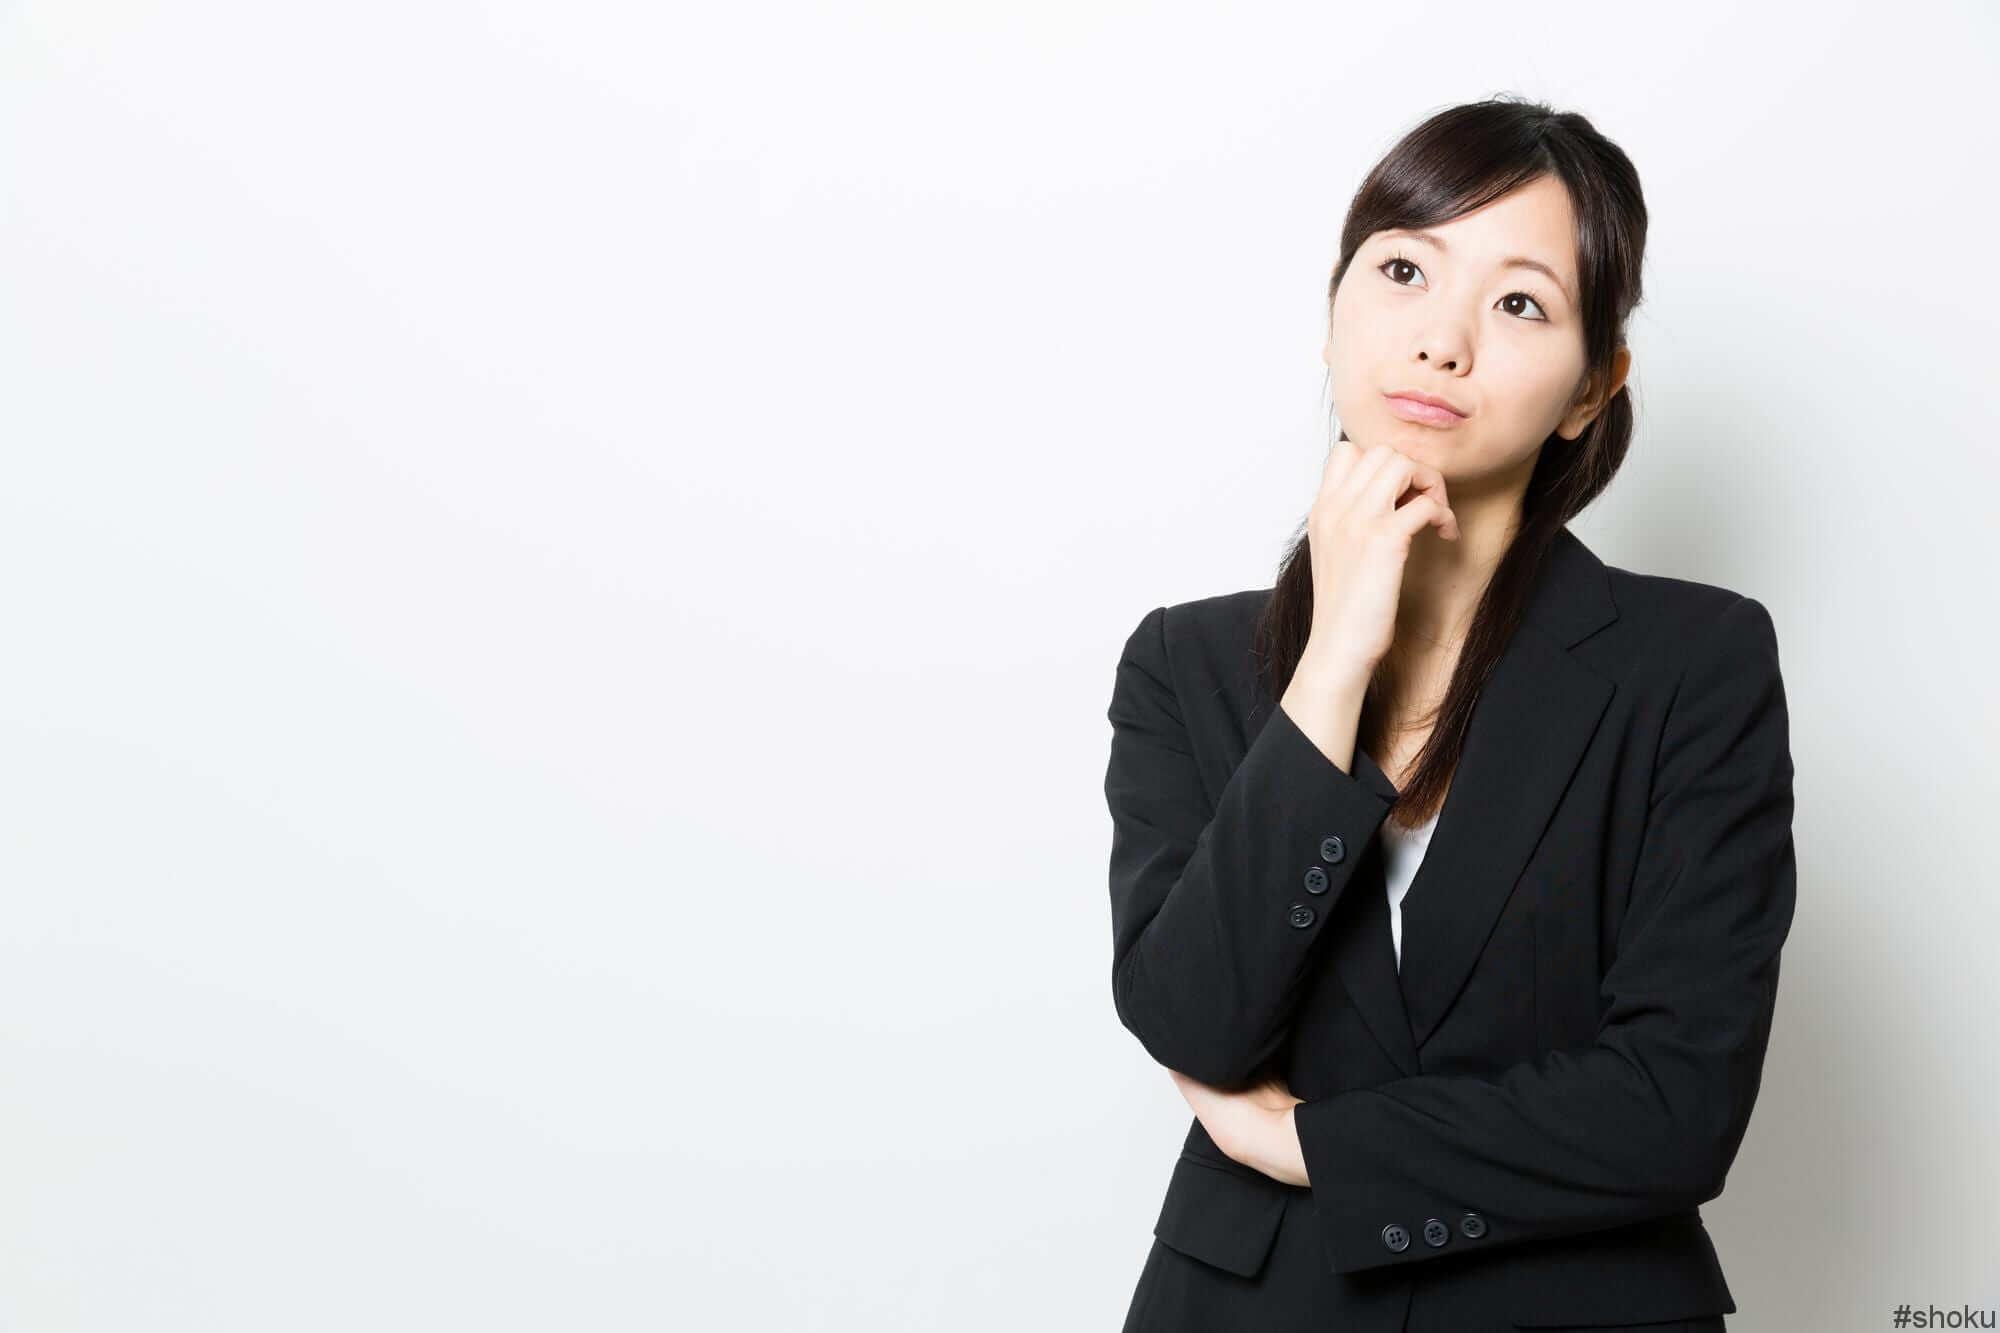 んとしても「事務職」に転職したい! 注意するポイントは何なのか考える女性